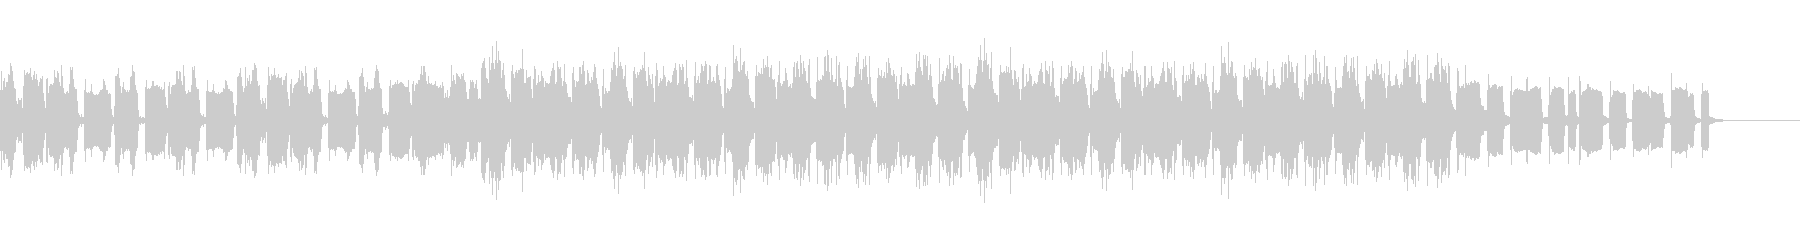 コーポレートテクスチャ―12の未再生の波形